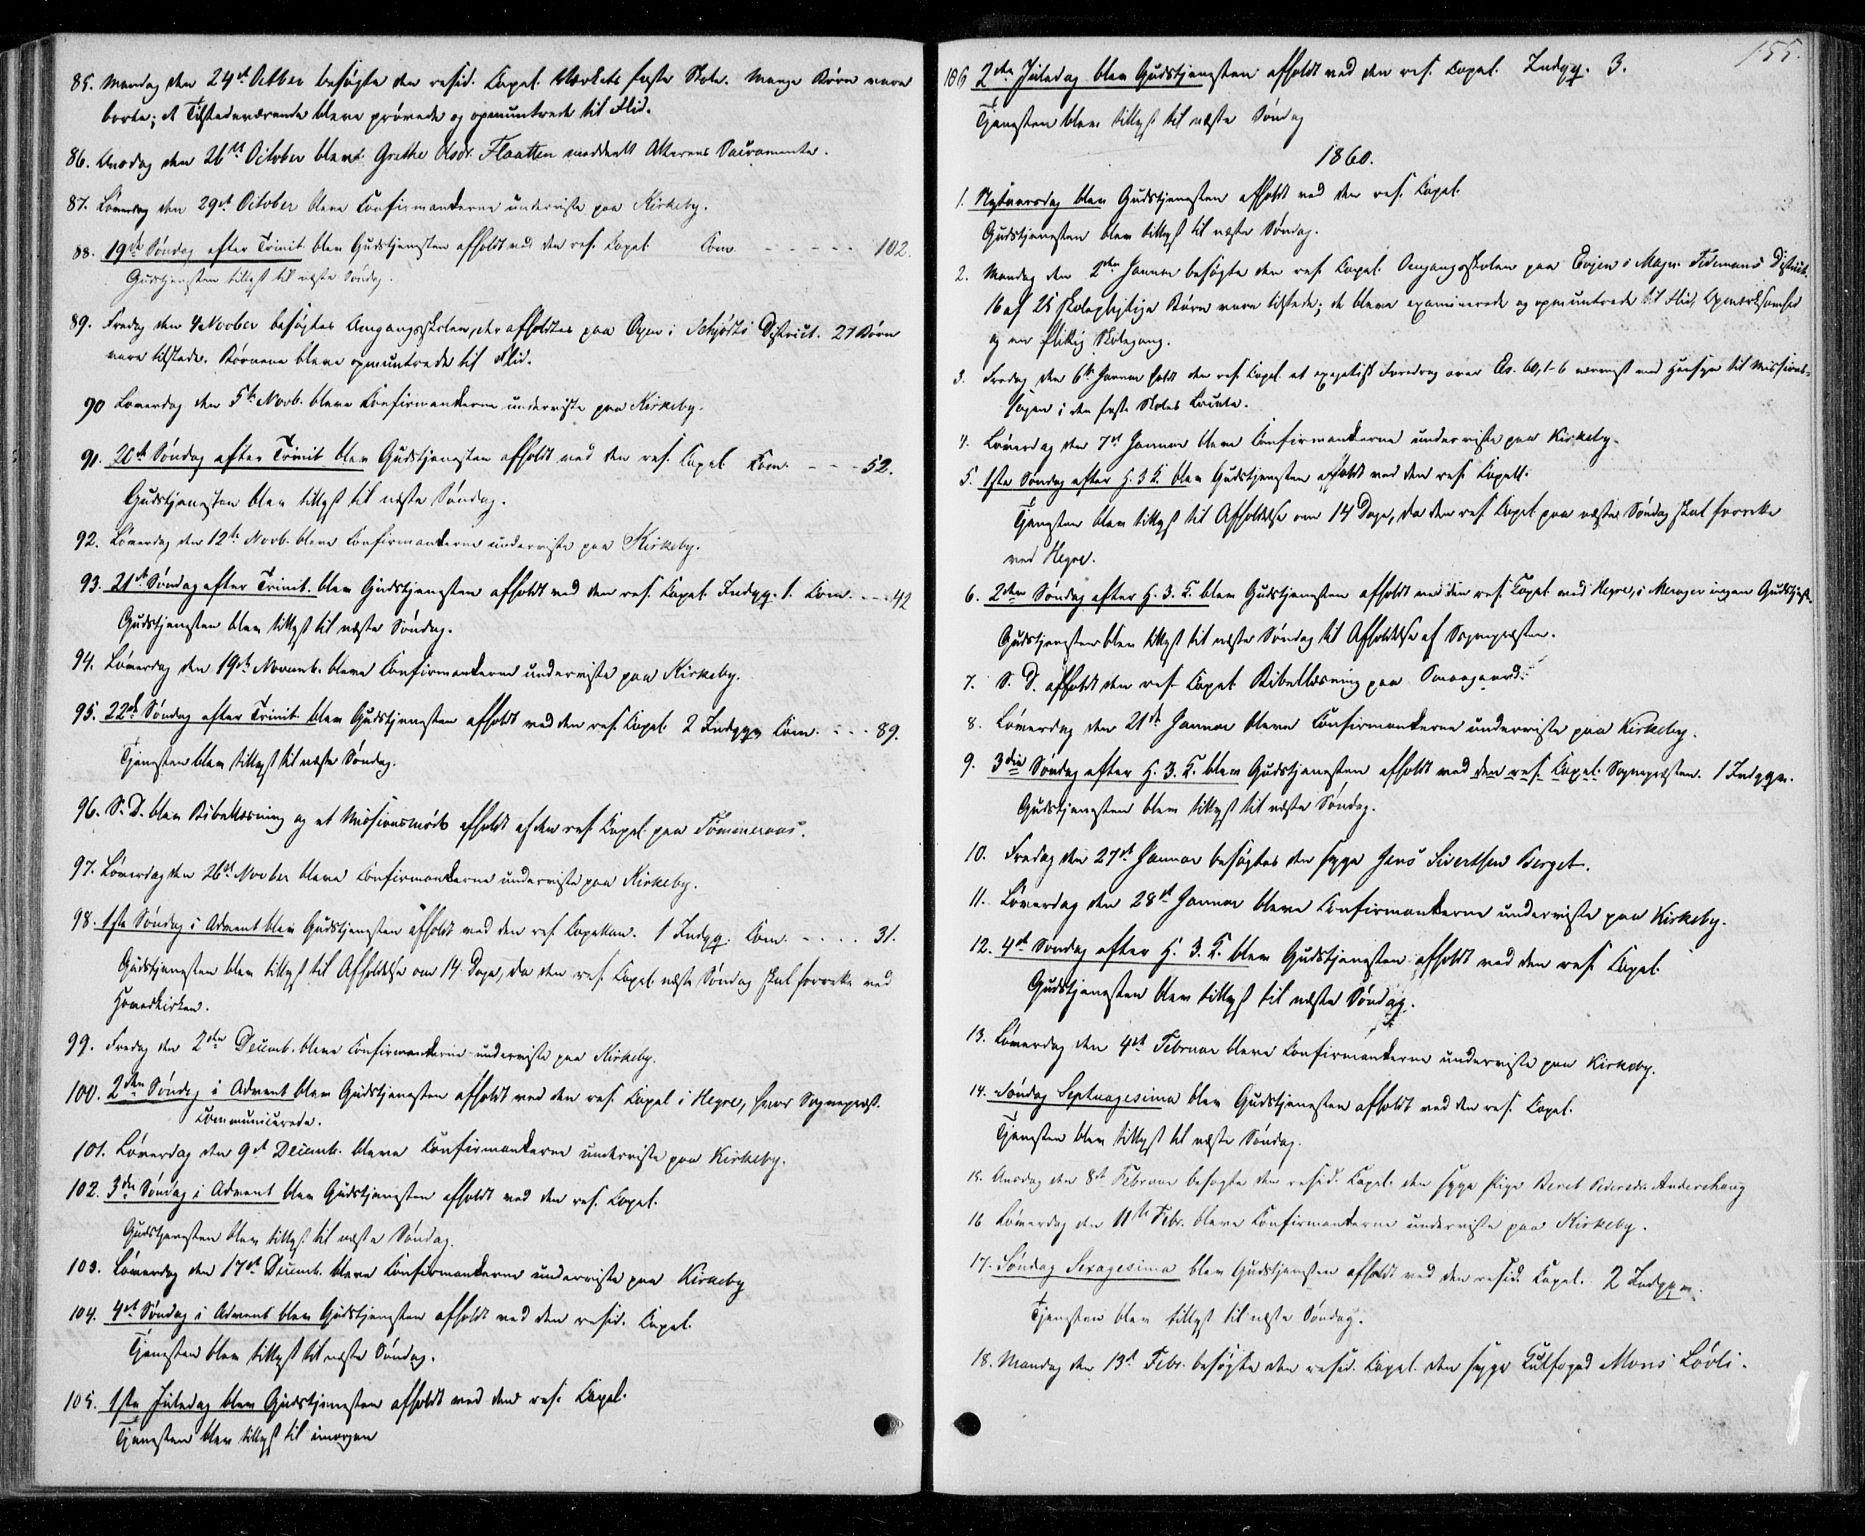 SAT, Ministerialprotokoller, klokkerbøker og fødselsregistre - Nord-Trøndelag, 706/L0040: Ministerialbok nr. 706A01, 1850-1861, s. 155